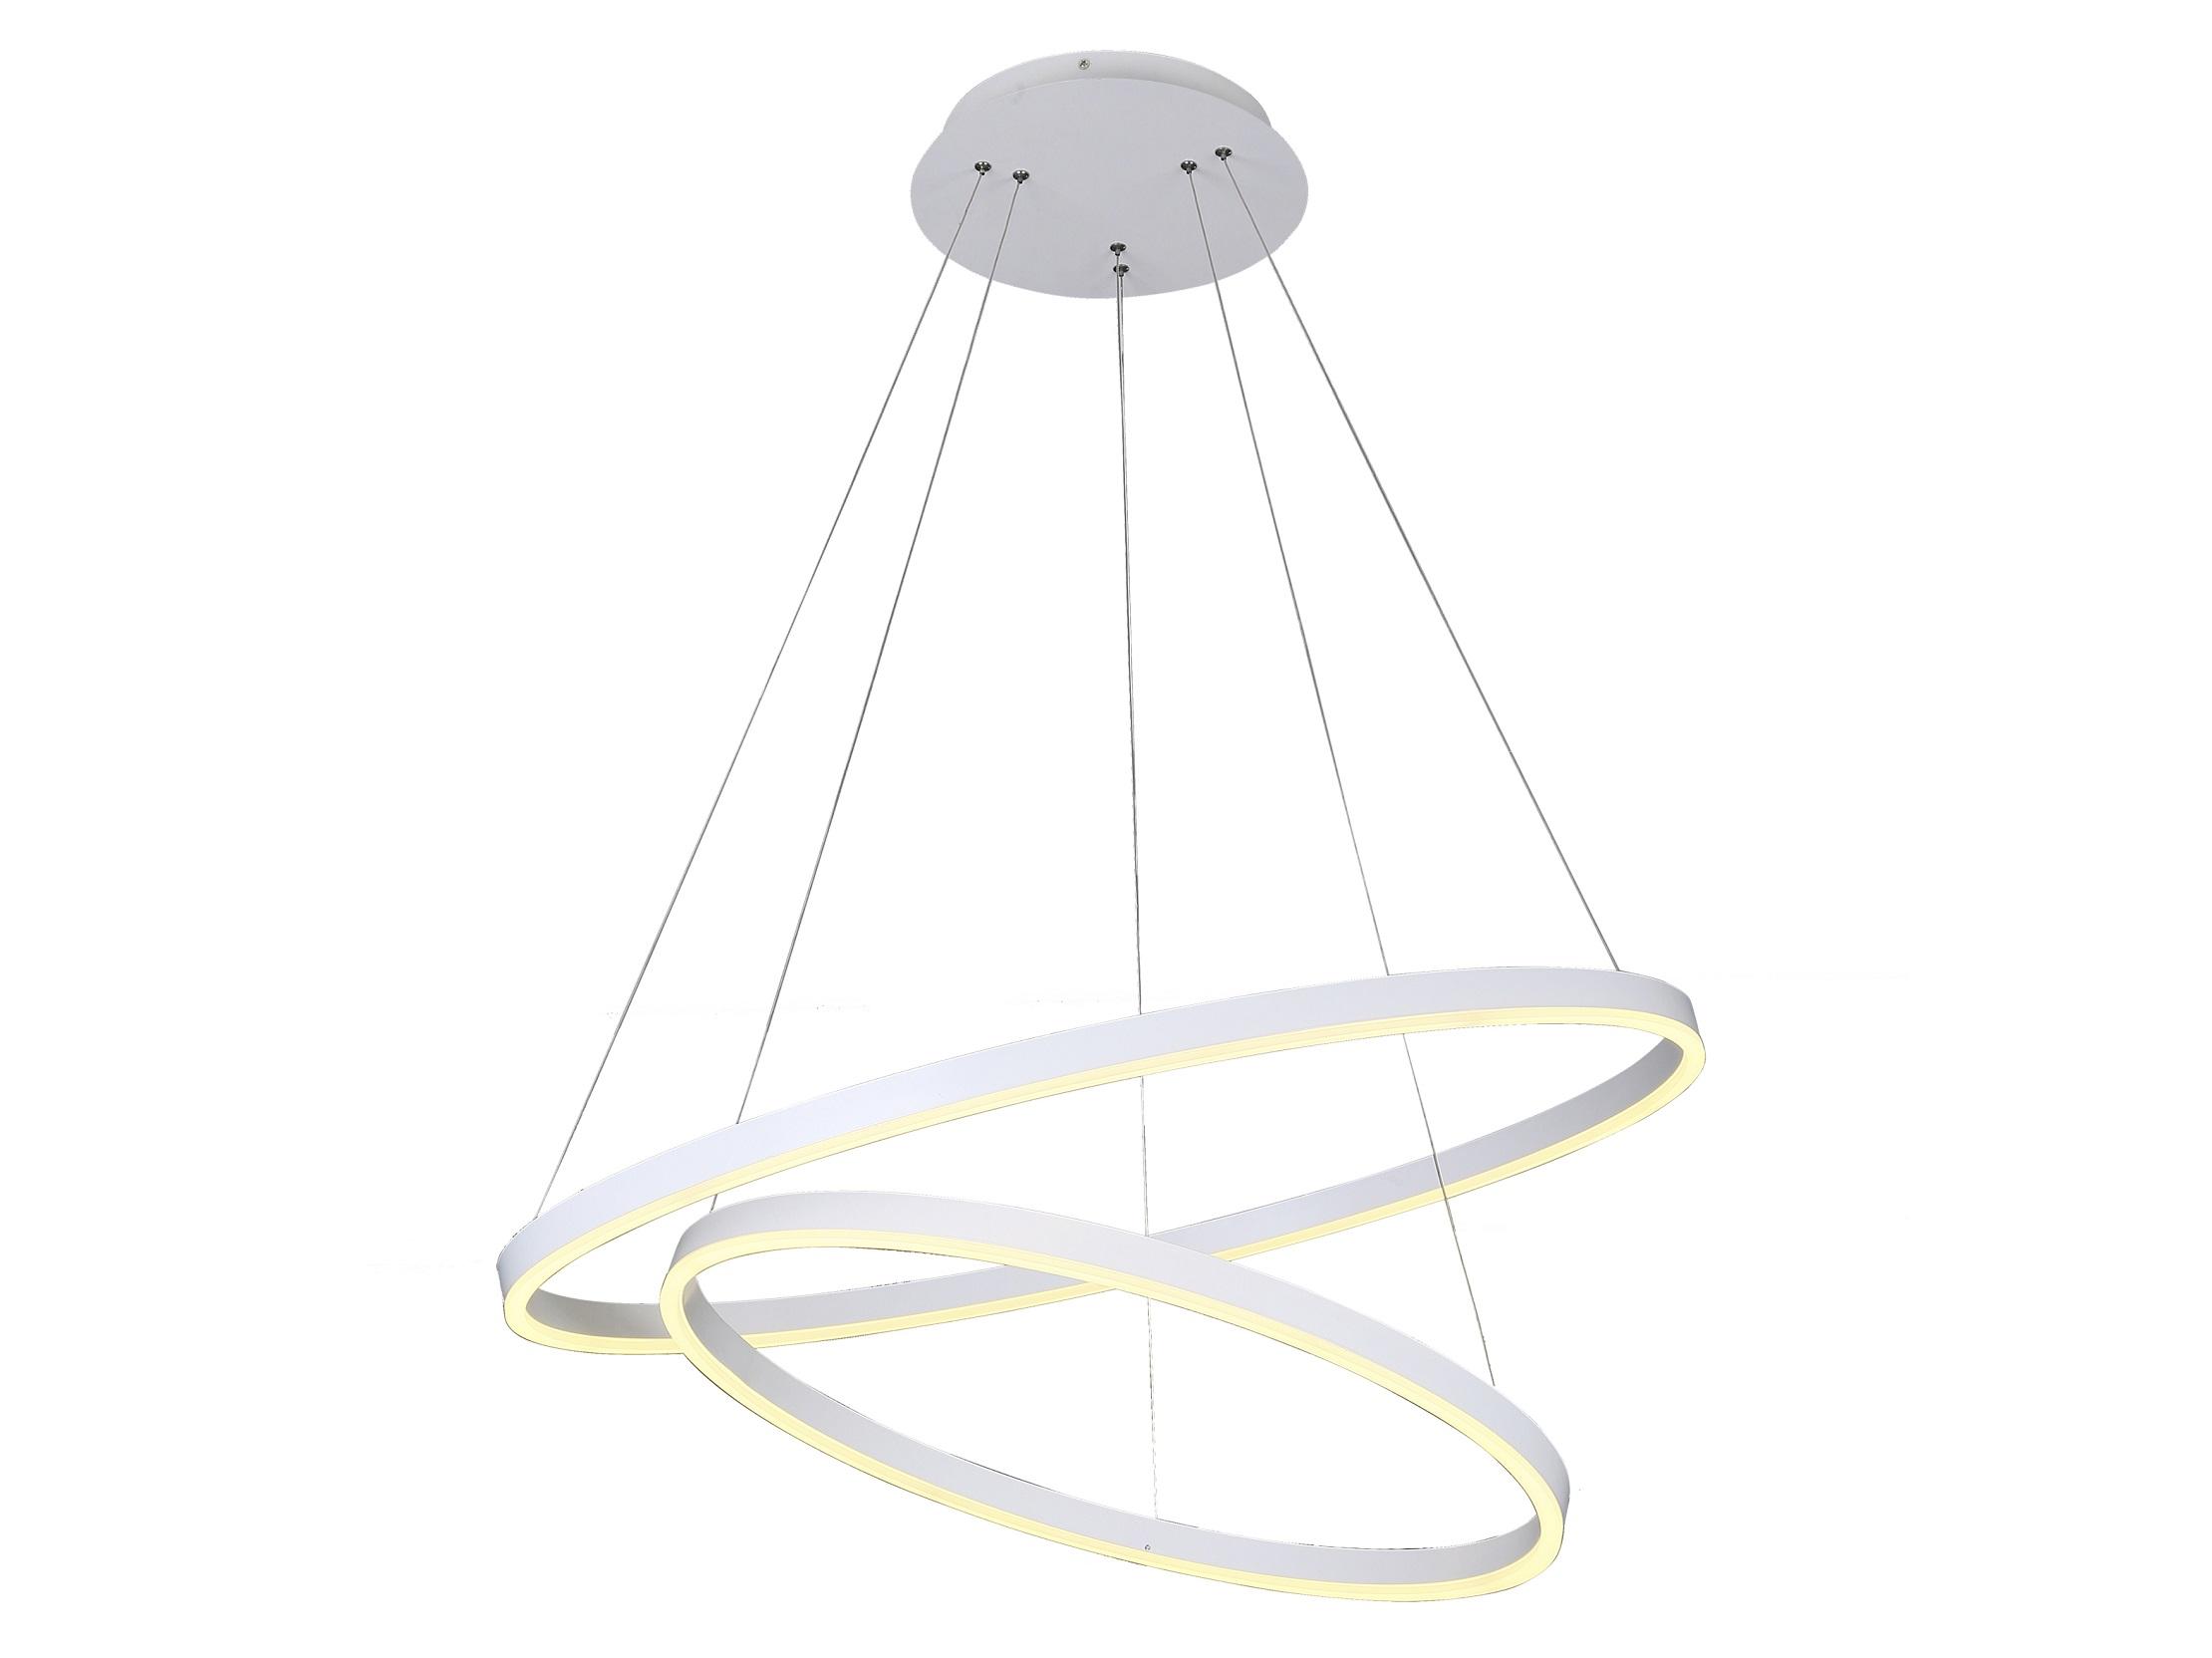 Подвес ТорПодвесные светильники<br>&amp;lt;div&amp;gt;&amp;lt;div&amp;gt;Вид цоколя: LED&amp;lt;/div&amp;gt;&amp;lt;div&amp;gt;Мощность:&amp;amp;nbsp; 5W&amp;lt;/div&amp;gt;&amp;lt;div&amp;gt;Количество ламп: 2 (в комплекте)&amp;lt;/div&amp;gt;&amp;lt;/div&amp;gt;&amp;lt;div&amp;gt;&amp;lt;br&amp;gt;&amp;lt;/div&amp;gt;&amp;lt;div&amp;gt;Материал: металл, акрил&amp;lt;/div&amp;gt;<br><br>Material: Металл<br>Высота см: 110.0